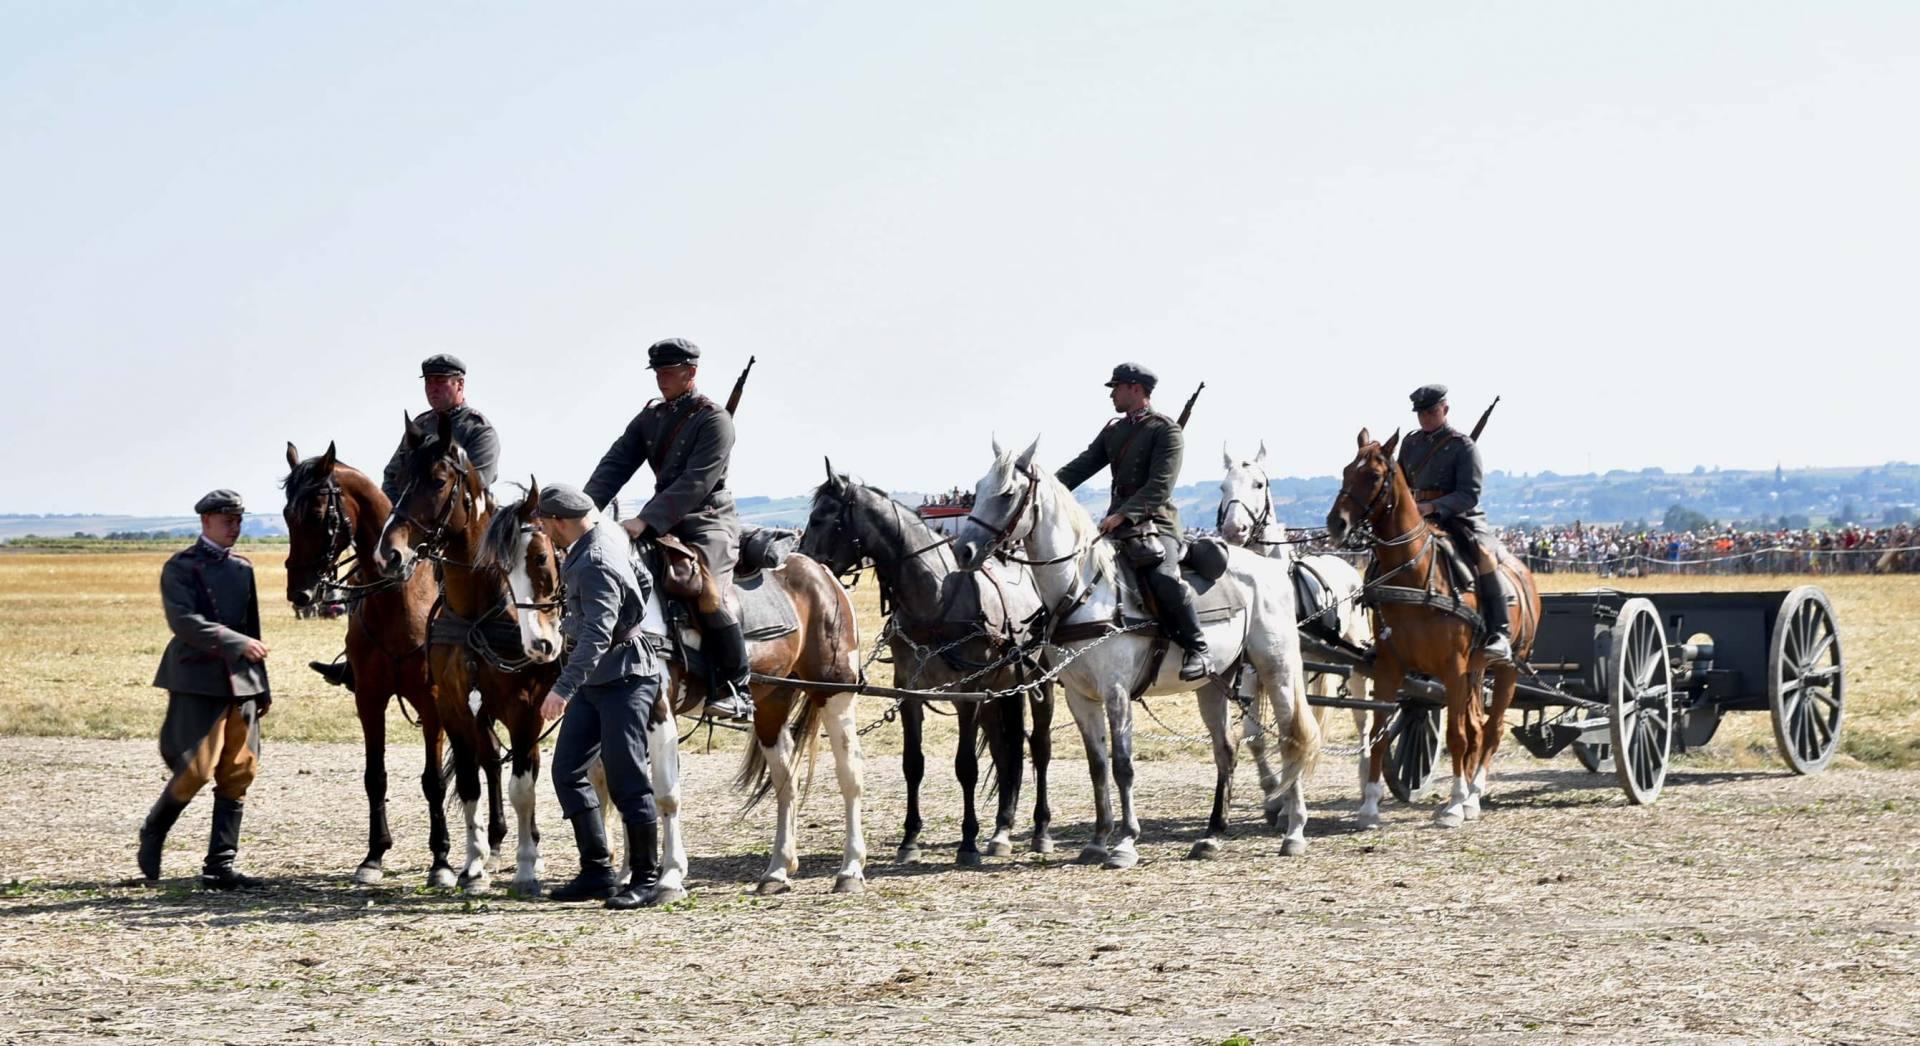 dsc 0795 Czas szabli - 100 rocznica bitwy pod Komarowem(zdjęcia)